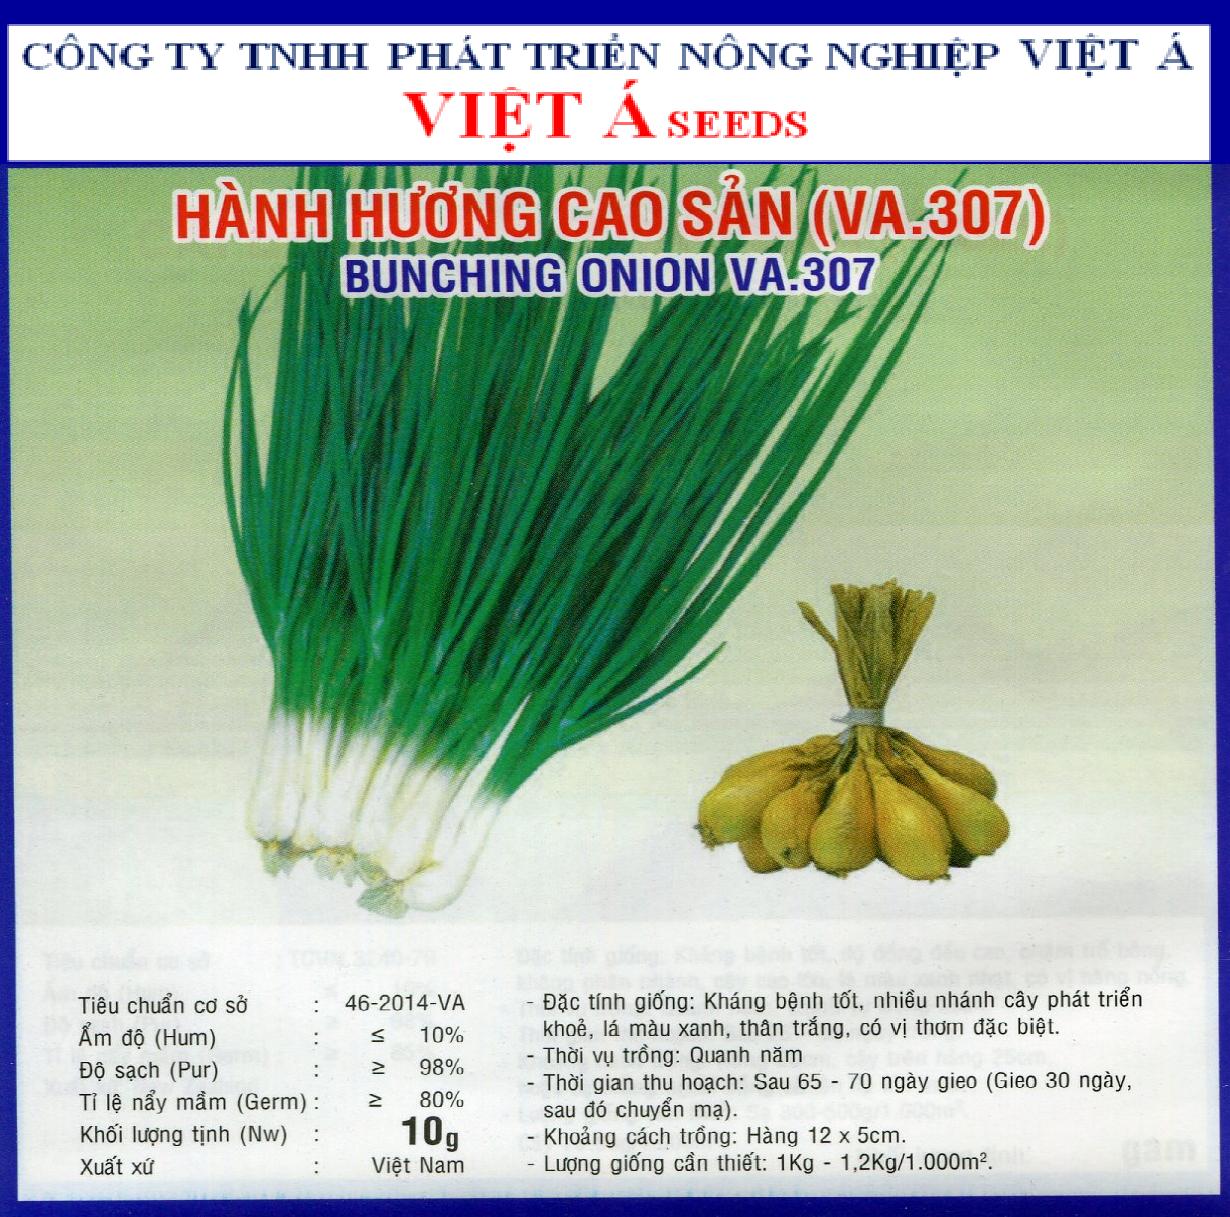 HÀNH HƯƠNG CAO SẢN (VA 307) 5GR